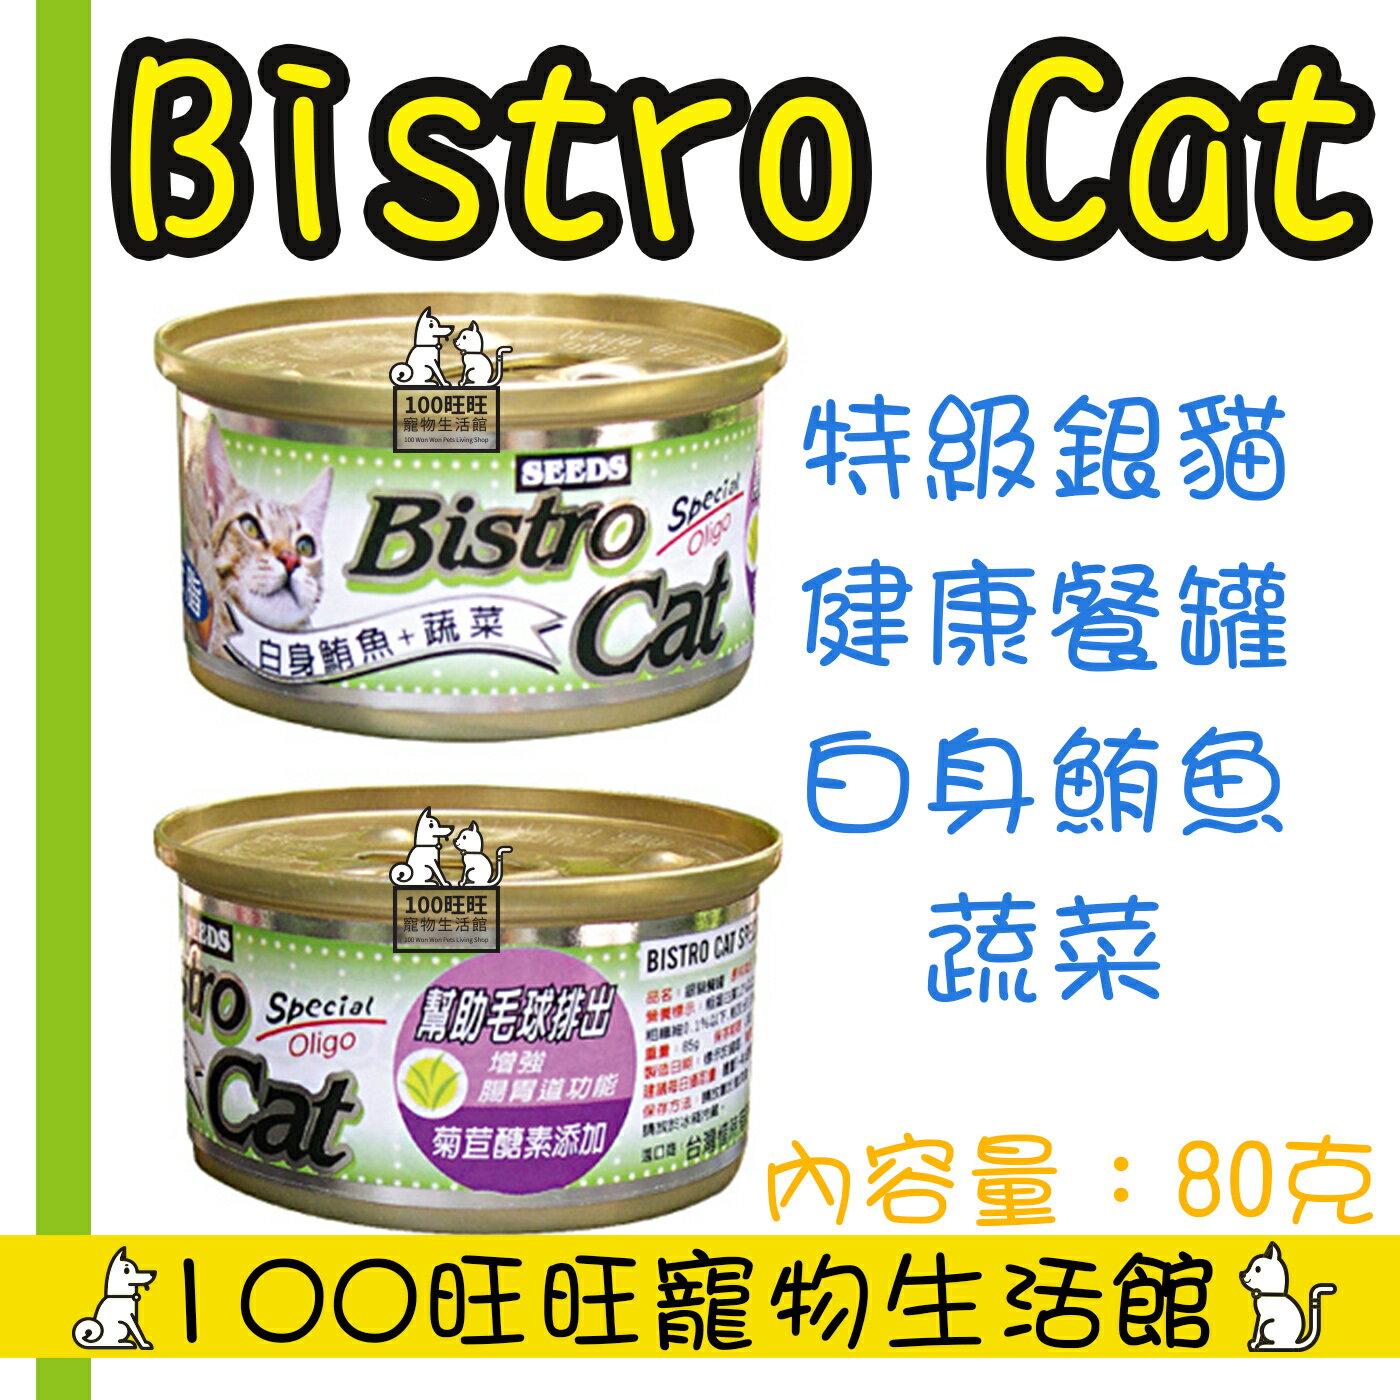 SEEDS 惜時 聖萊西 Bistro cat 特級銀貓健康餐罐 80g 銀罐 小銀 單罐 3